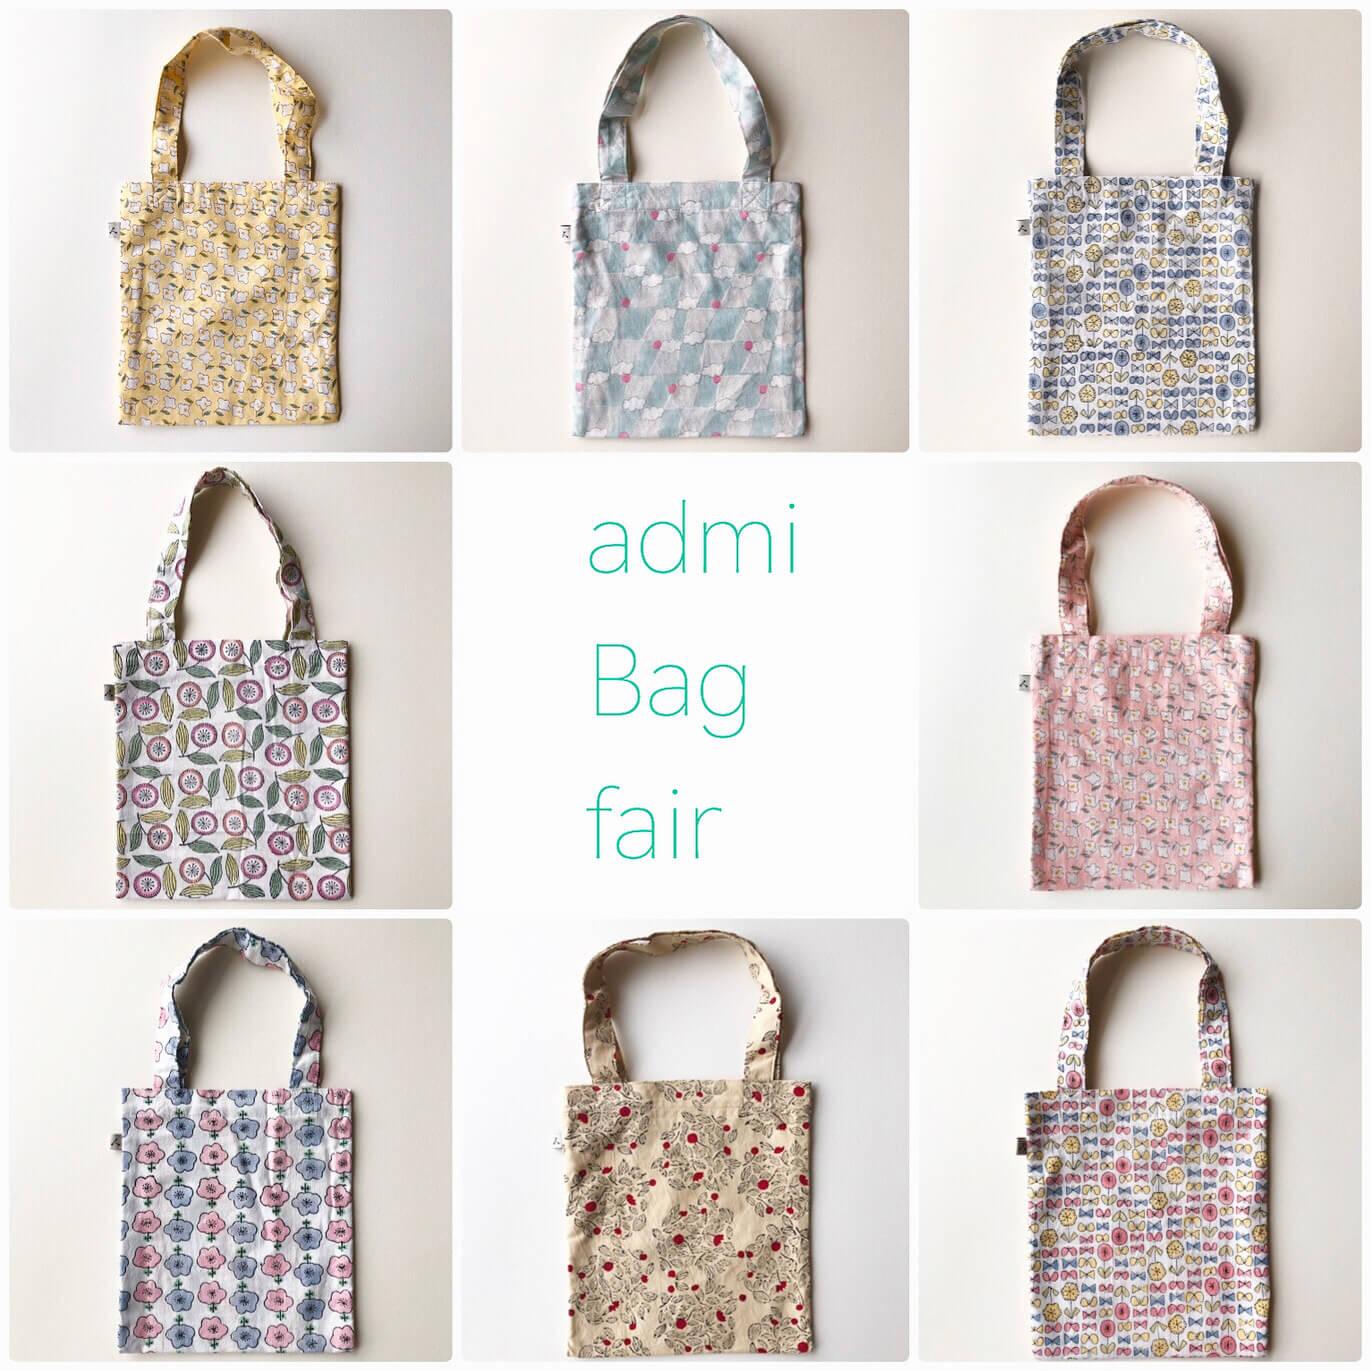 News of bag fair where admi chibi bags line up.